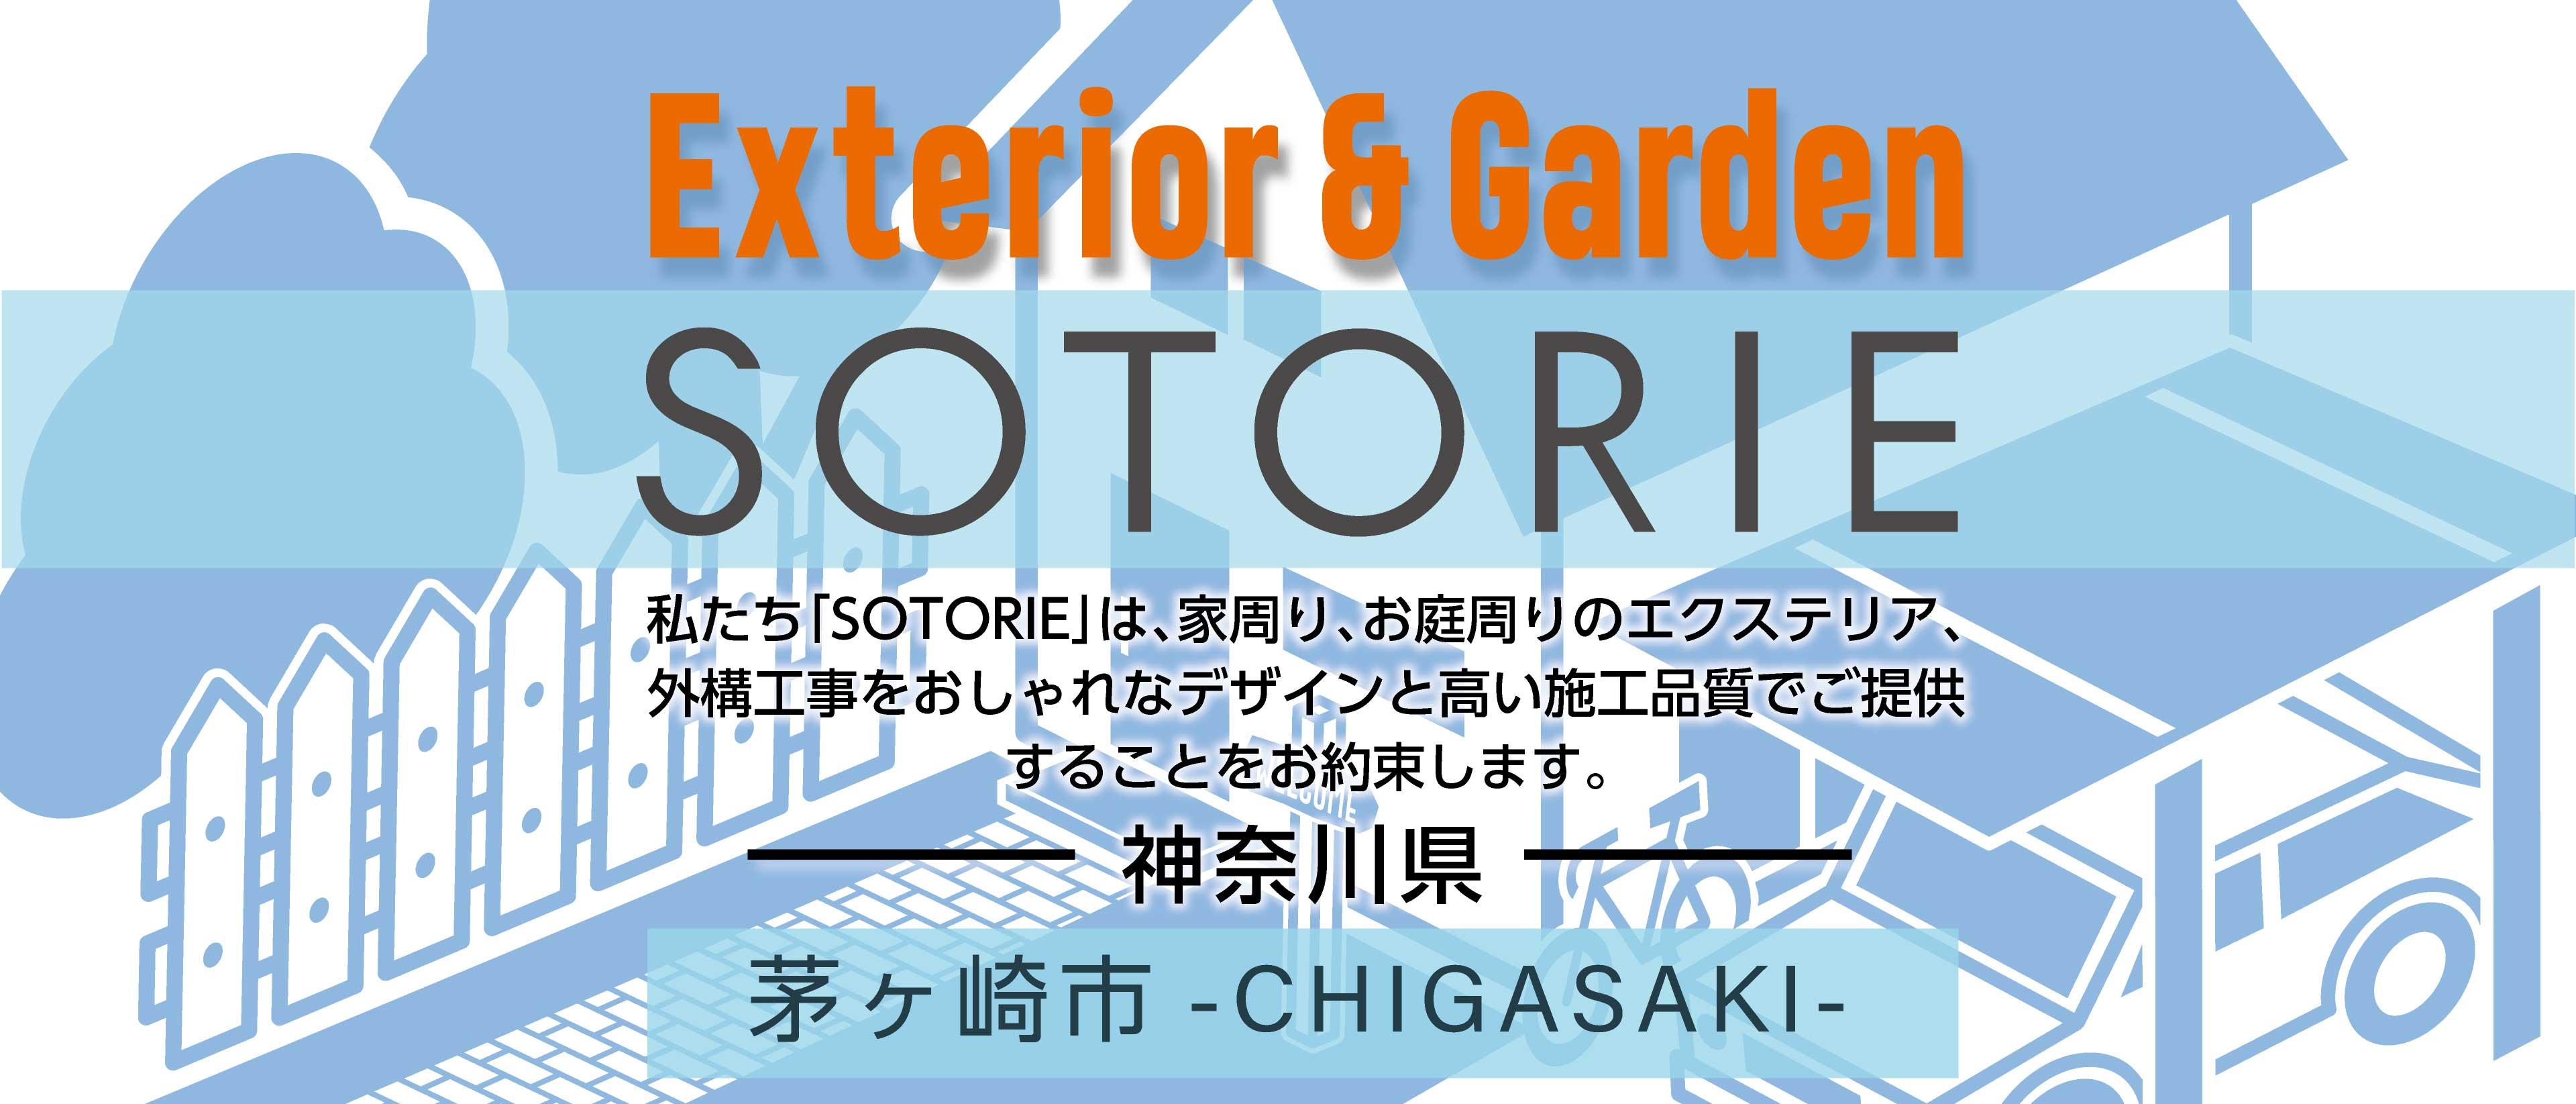 ソトリエ茅ヶ崎市では、家周りと庭周りの外構、エクステリア工事をおしゃれなデザインと高い施工品質でご提供することをお約束します。